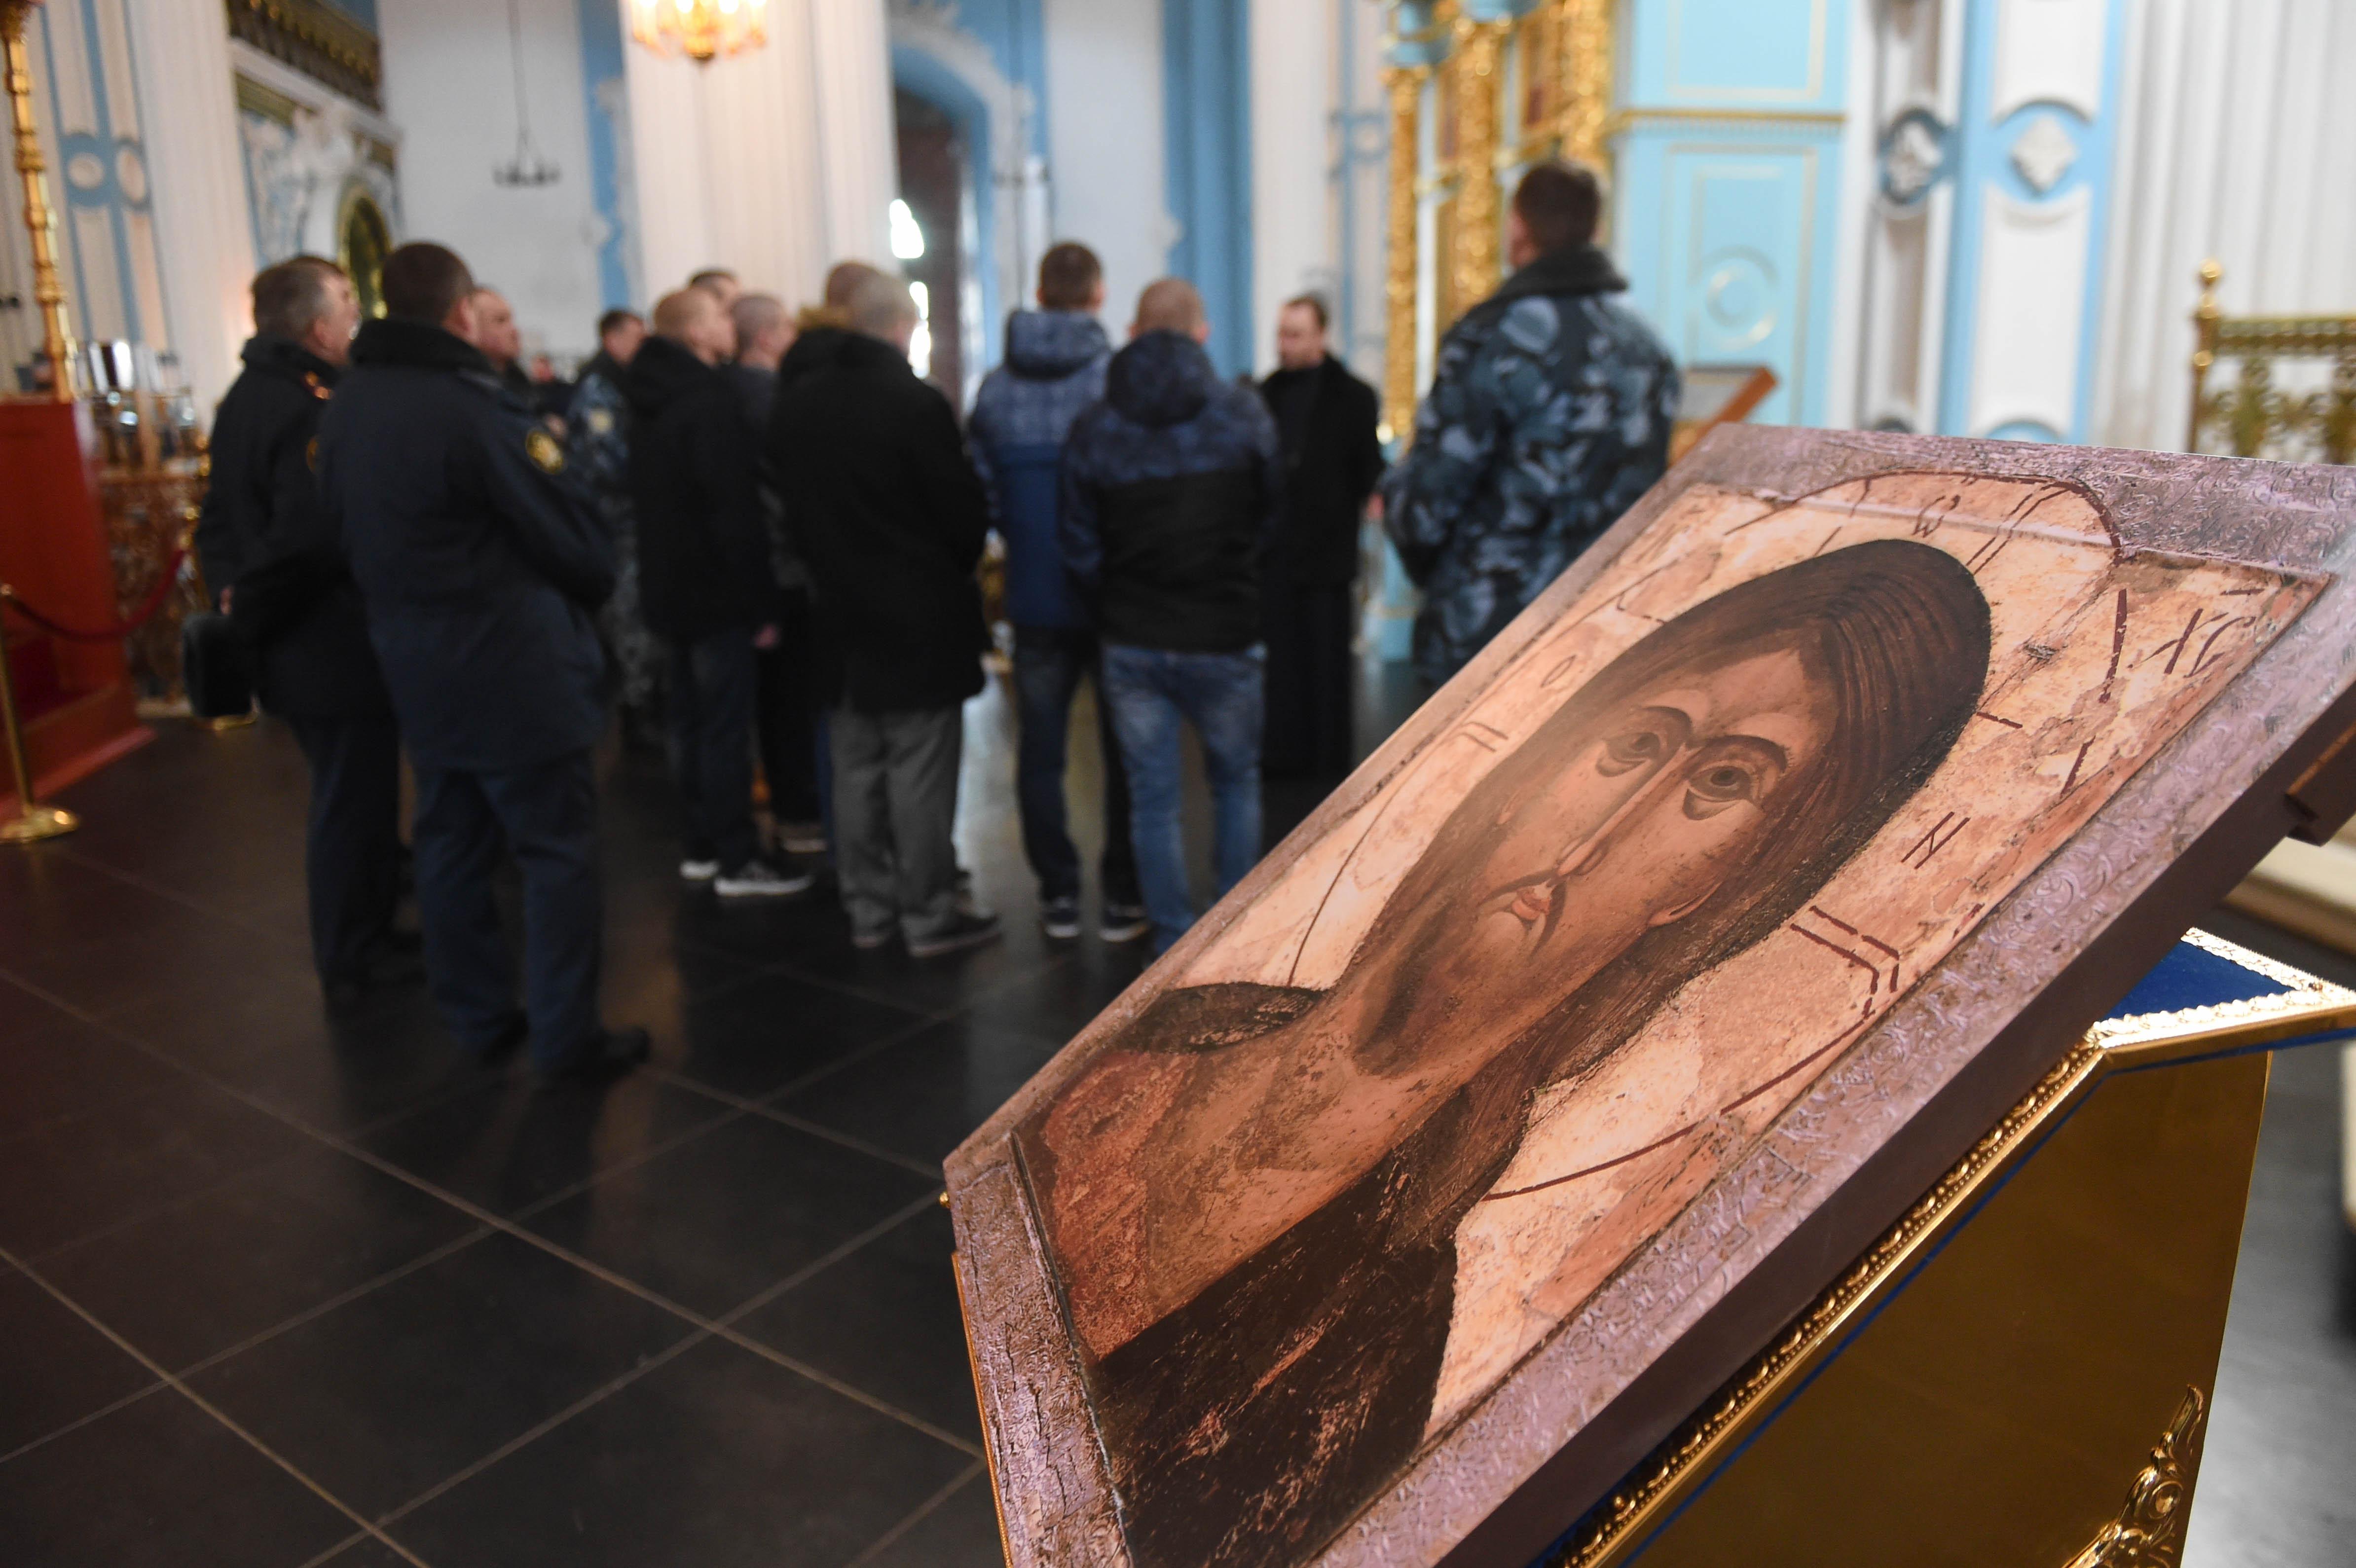 Регент Ново-Иерусалимского монастыря Сергей Николаевич Улицкий проводит экскурсию